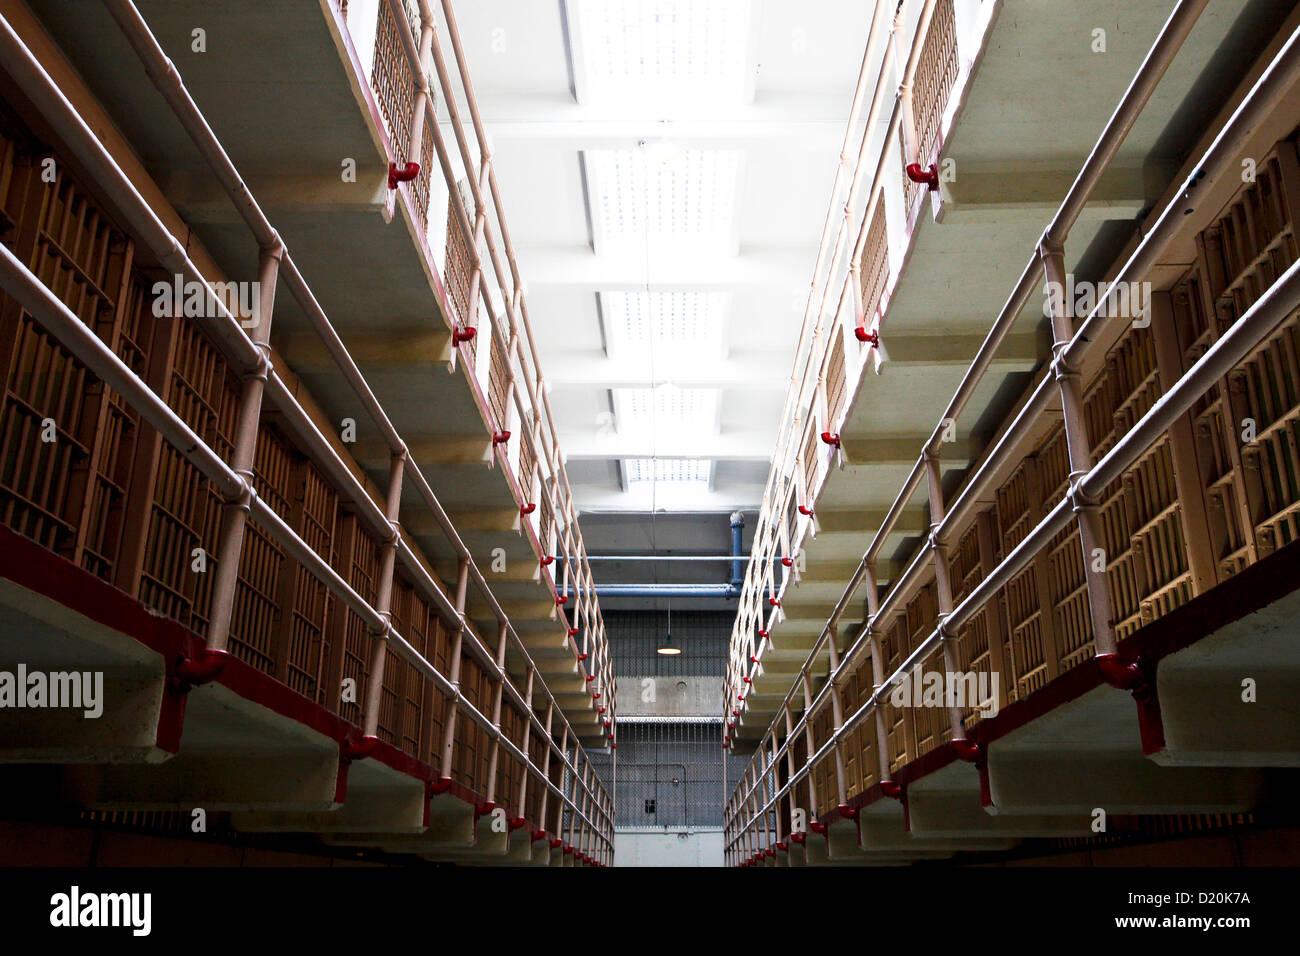 Interior view of Alcatraz Prison, San Francisco, California, USA, America - Stock Image